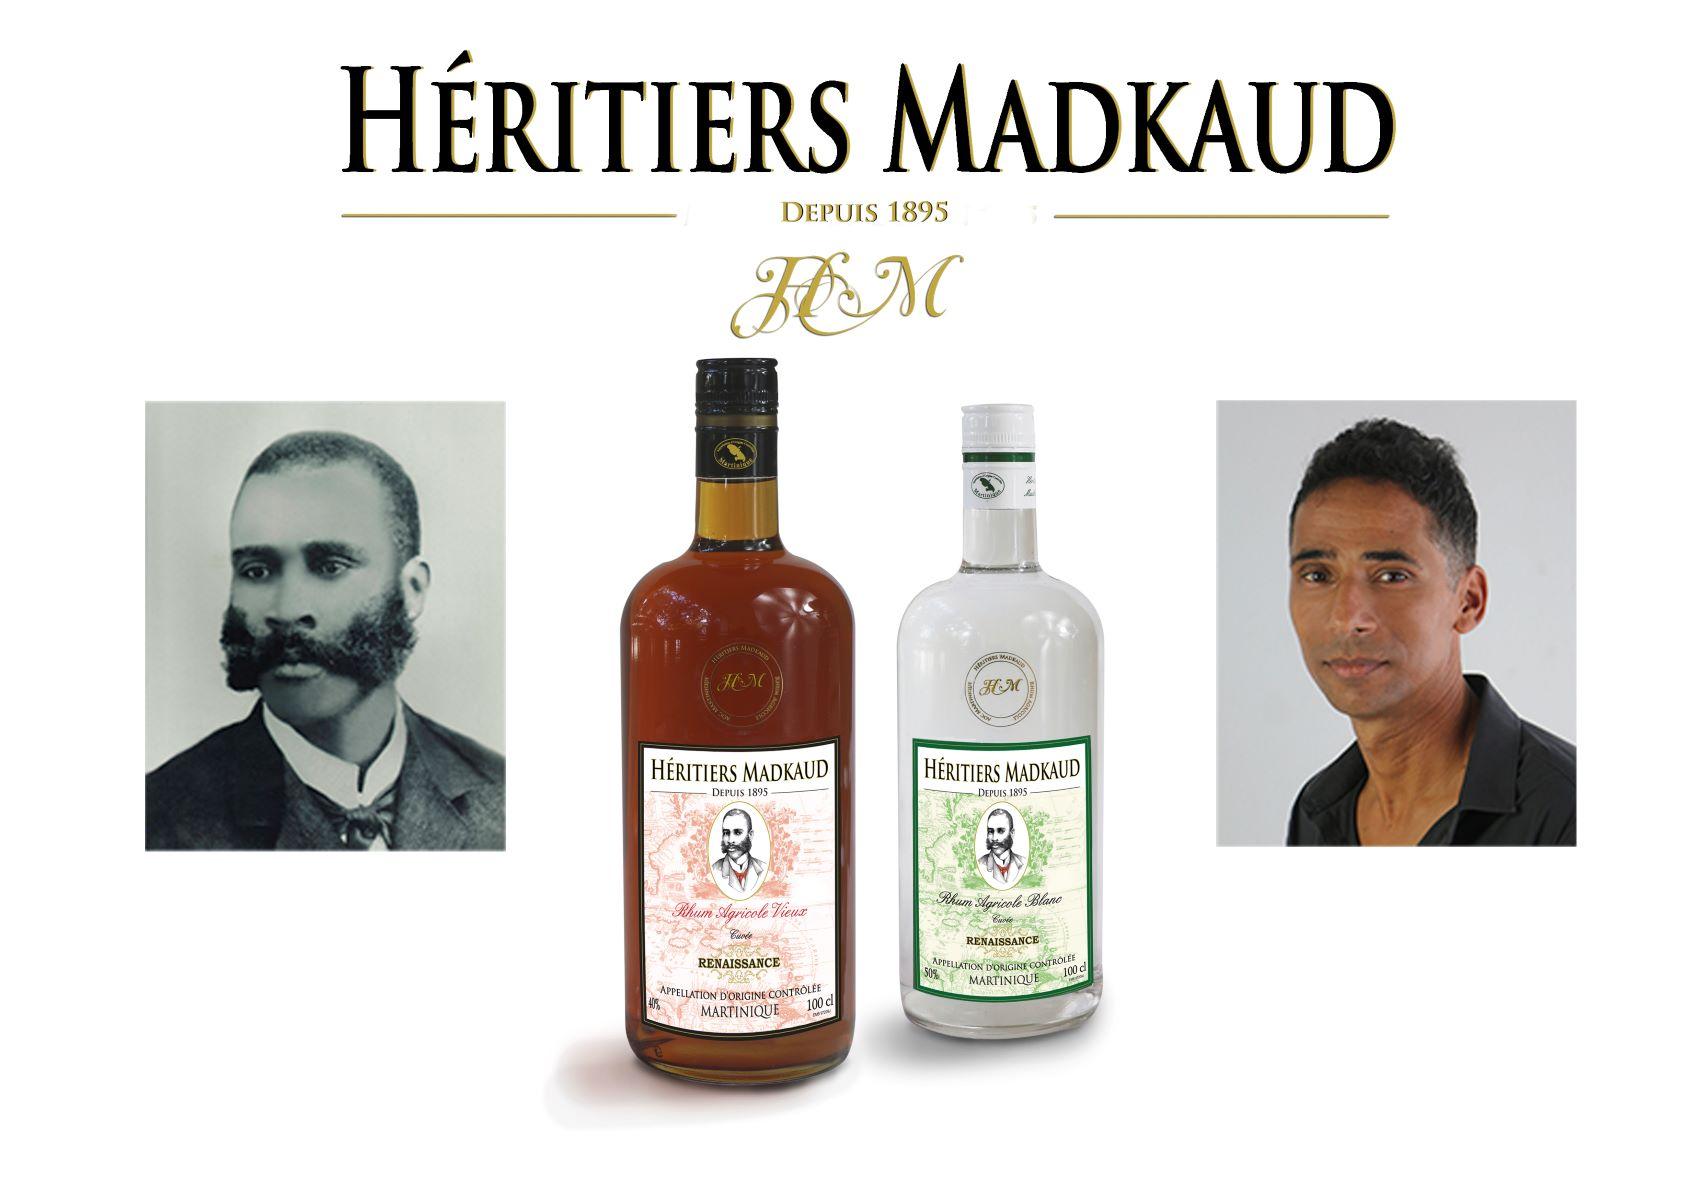 Stéphane Madkaud, seul Afro-descendant propriétaire d'une distillerie de rhum en Martinique